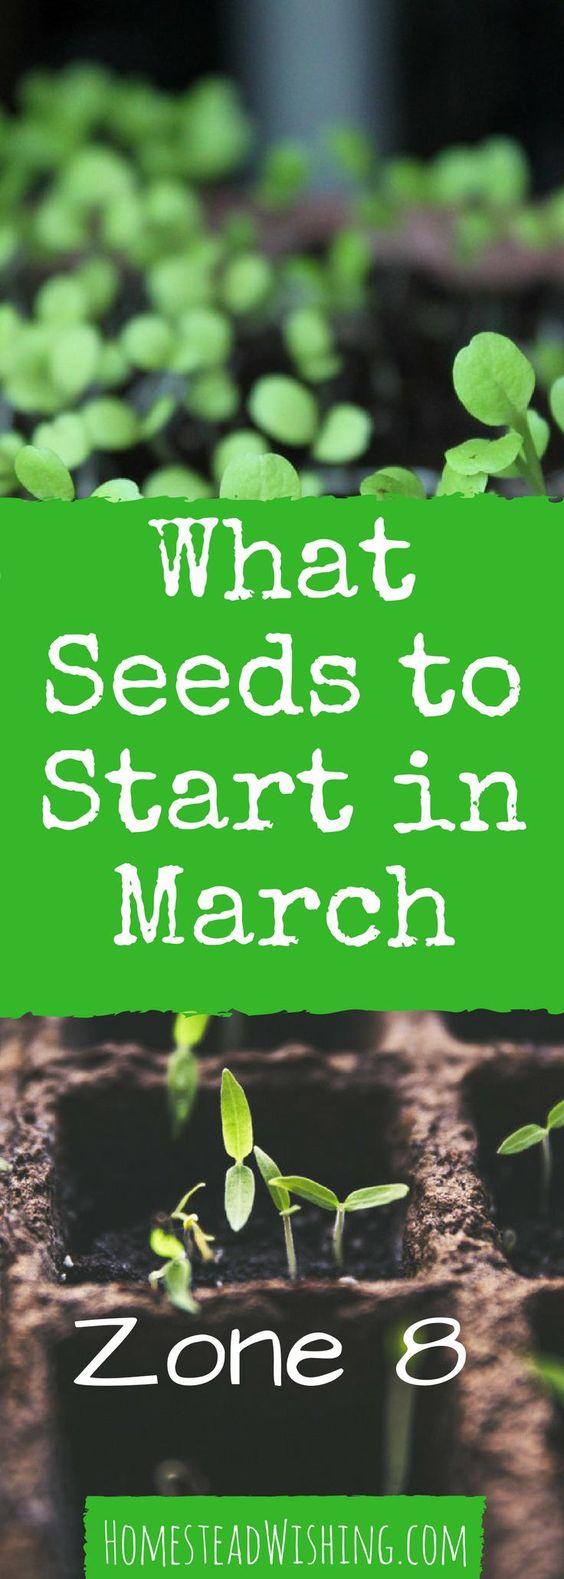 什么种子在三月开始? -  ZONE 8此版本适用于室内种子。不知道要种什么?三月种植,三月种子开始